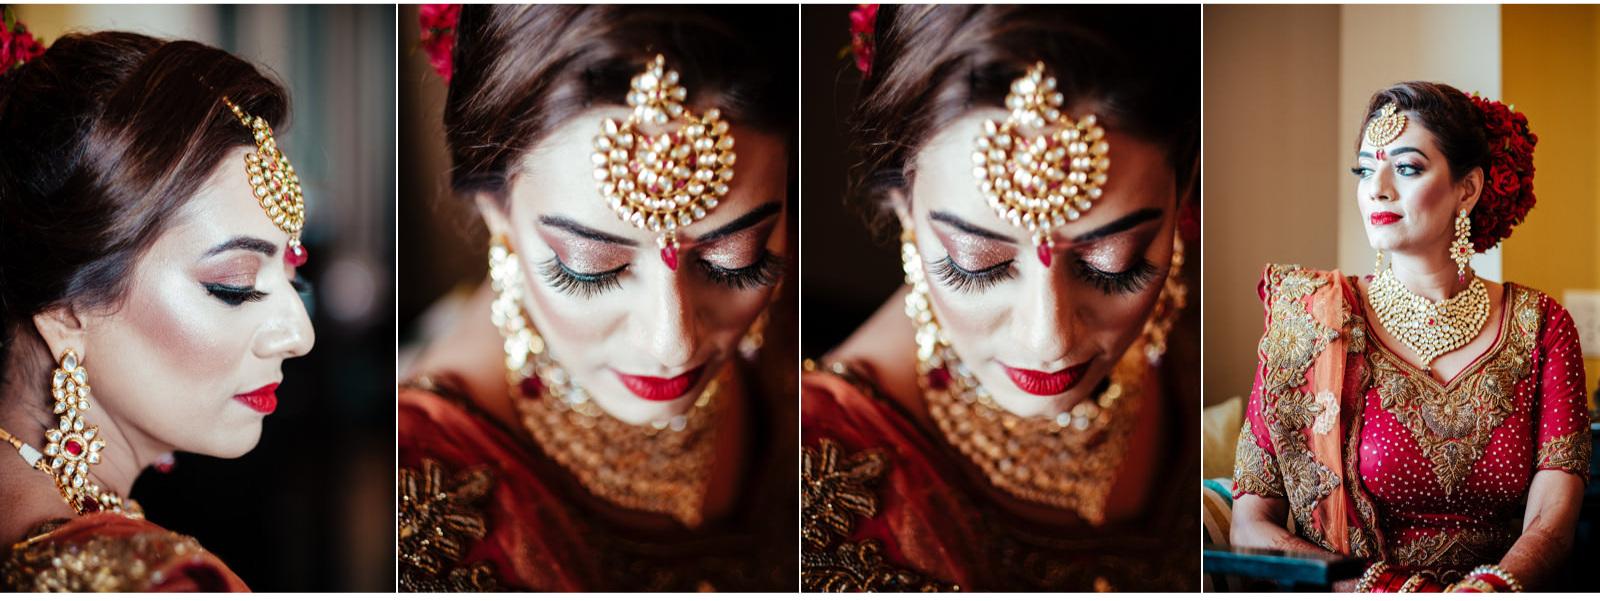 Zimbali Wedding Photography Fairmont rbadal